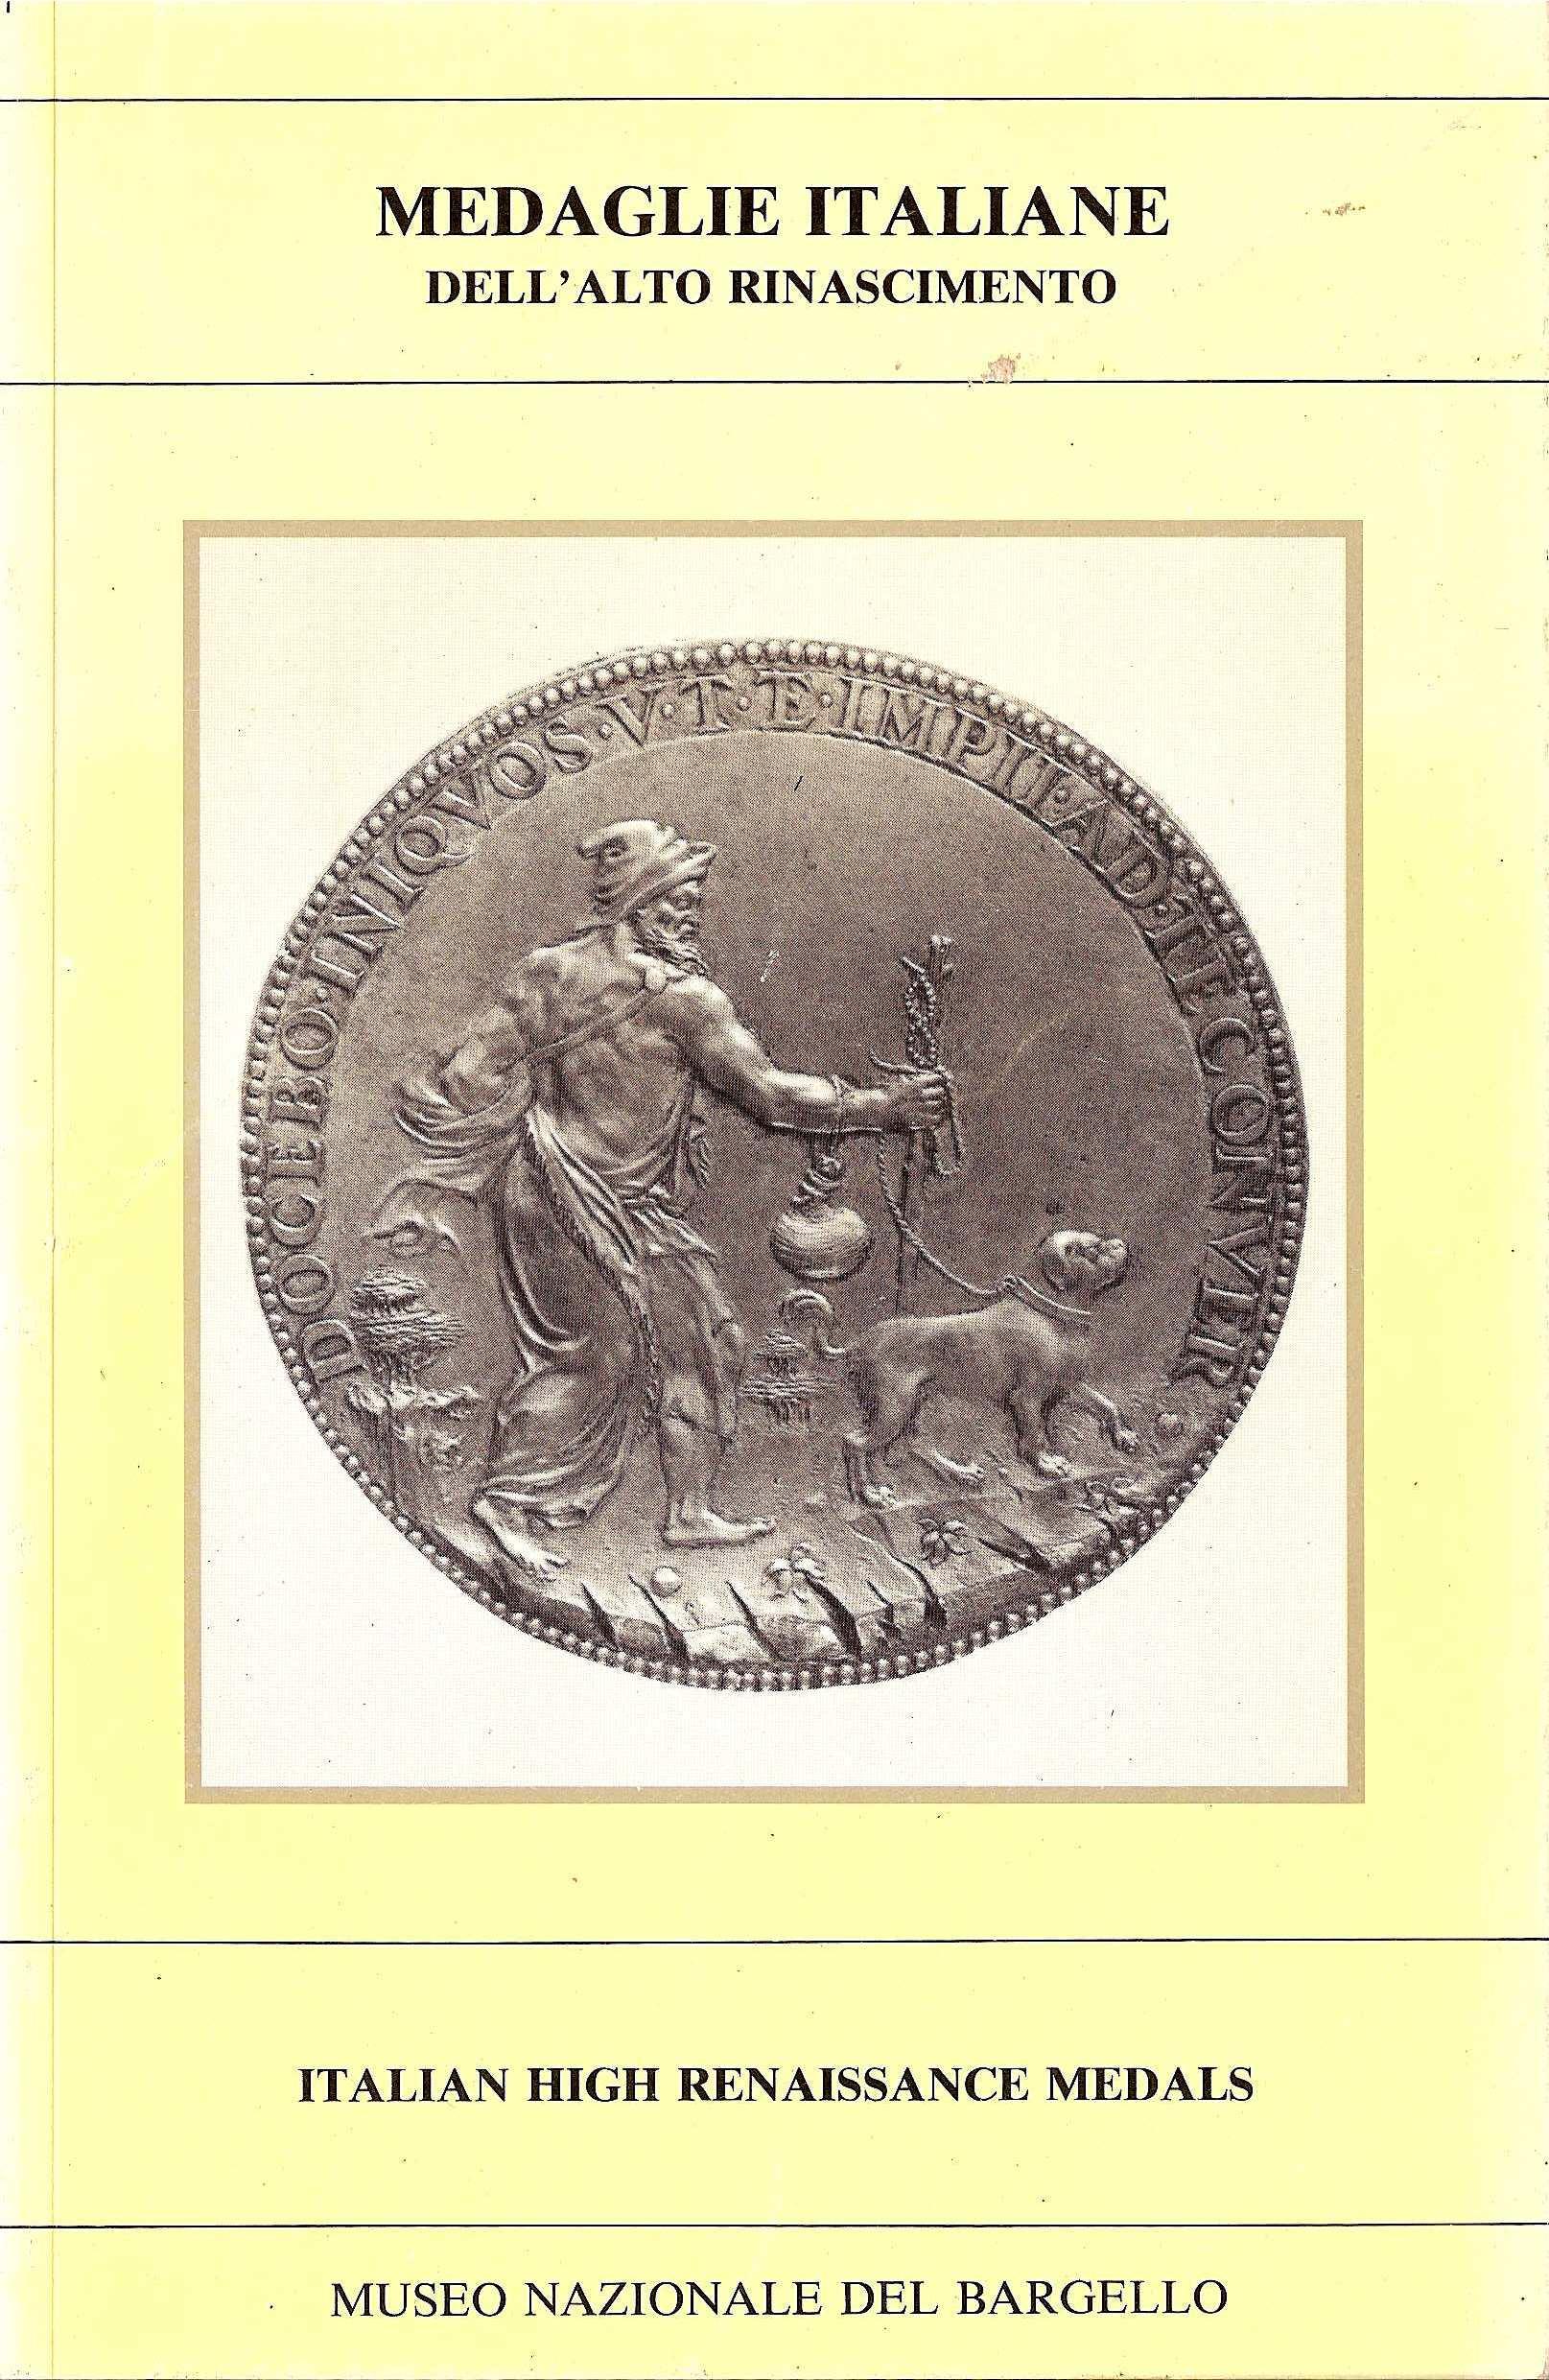 Medaglie italiane dell'alto RinascimentoItalian high Renaissance medals